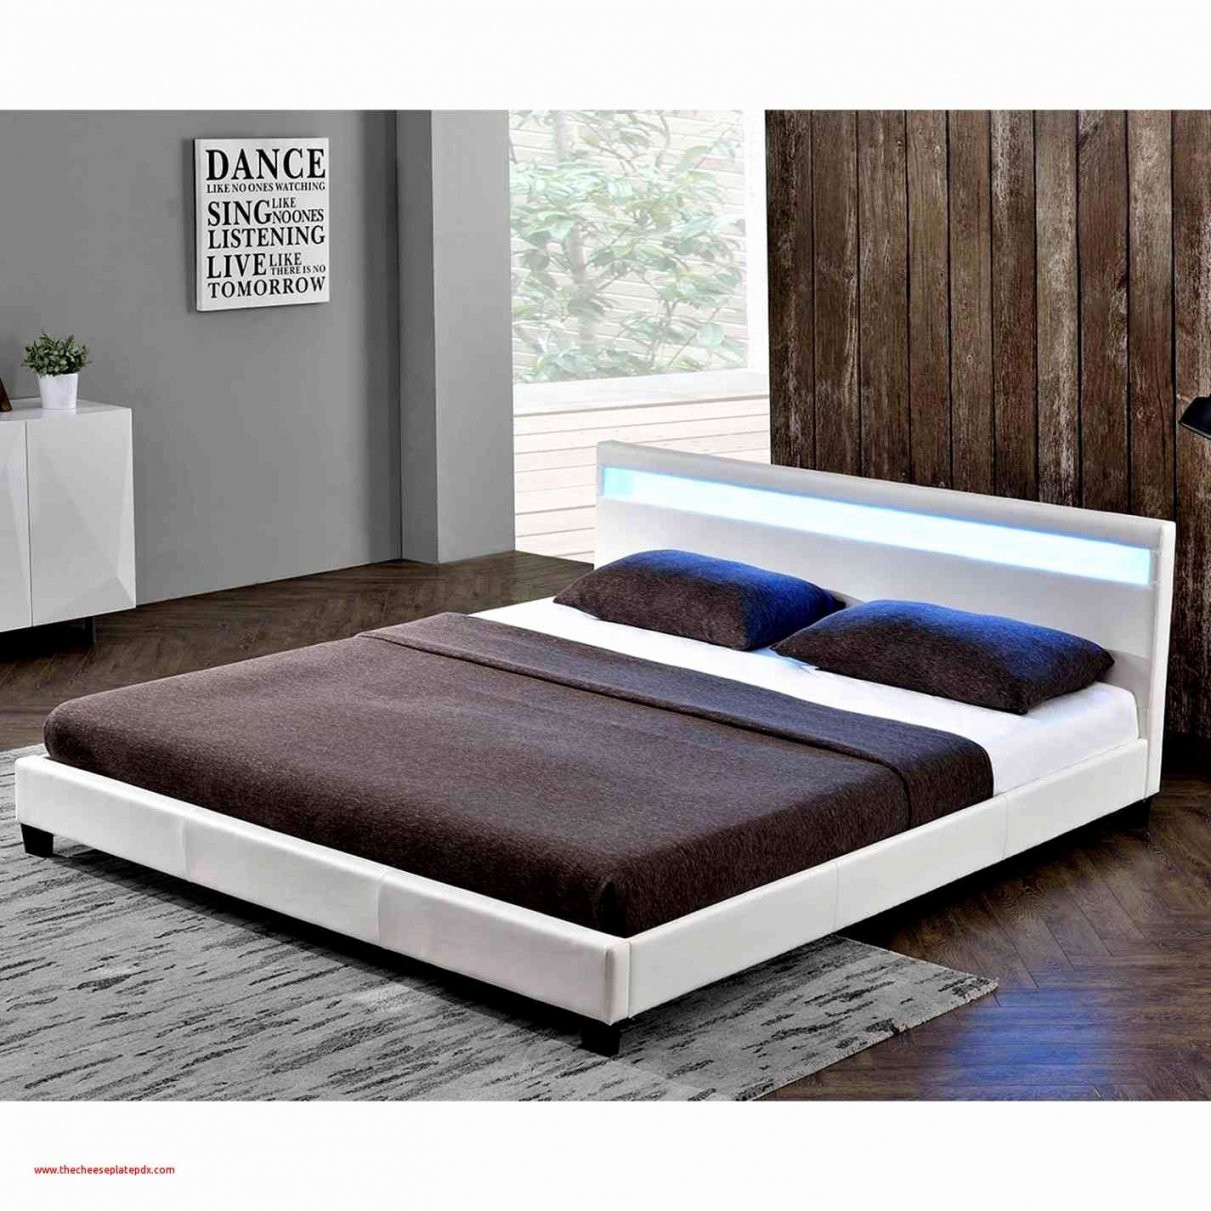 Bett 200×200 Günstig Komfort Erfreut Einzigartiger Bettrahmen Ideen von Bett 200X200 Günstig Photo